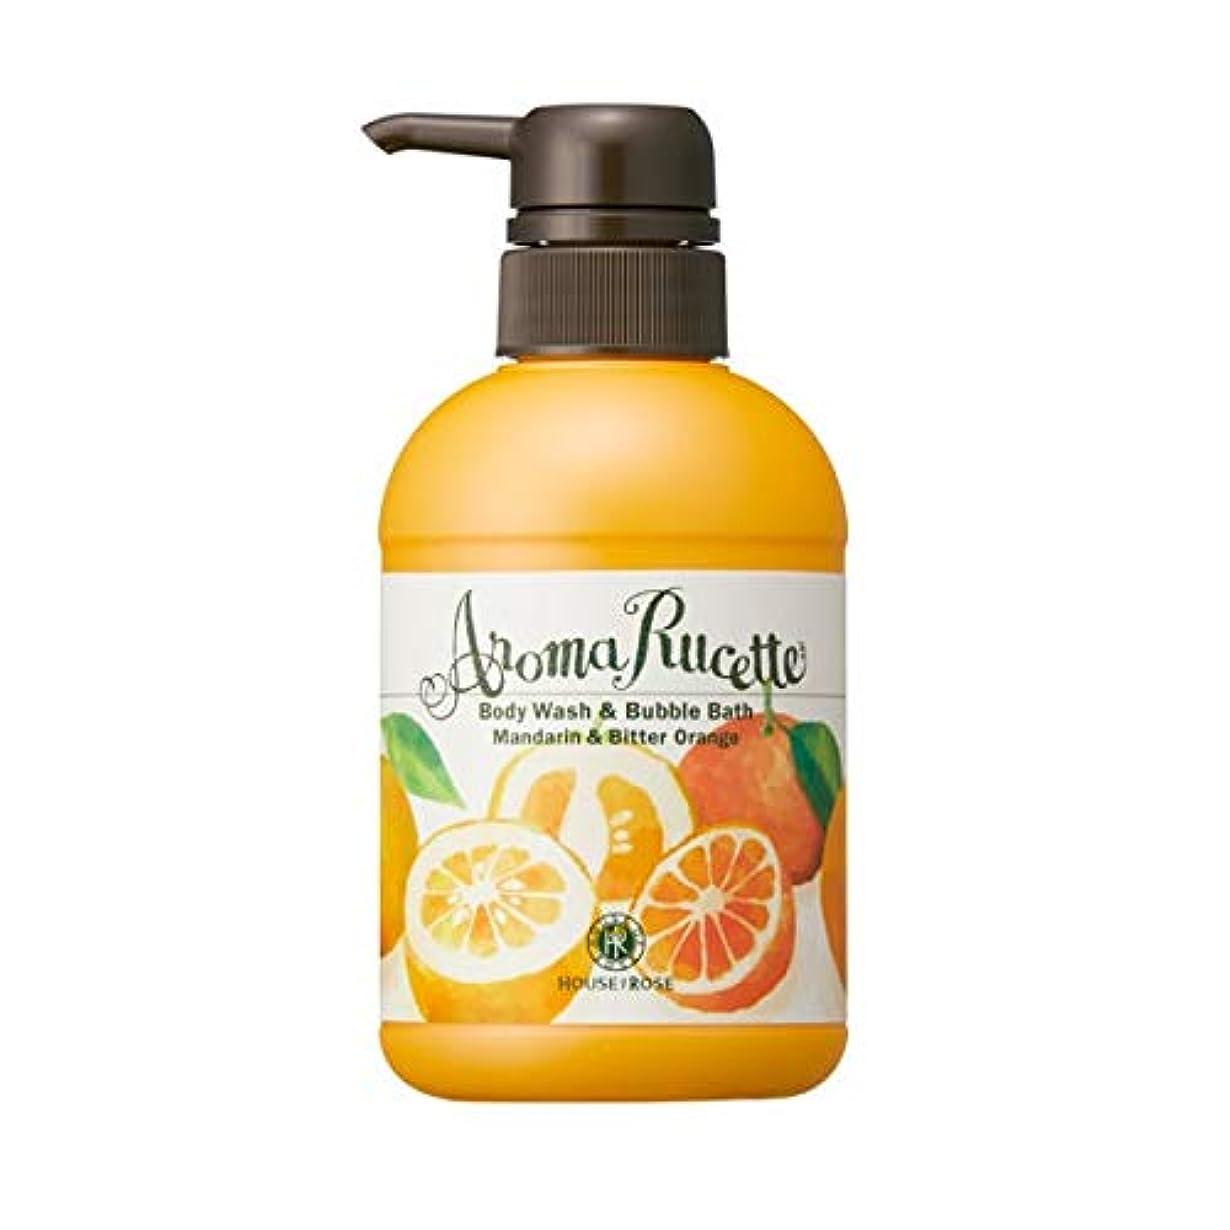 後影響するクラシカルHOUSE OF ROSE(ハウスオブローゼ) ハウスオブローゼ/アロマルセット ボディウォッシュ&バブルバス MD&BO(マンダリン&ビターオレンジの香り)350mL